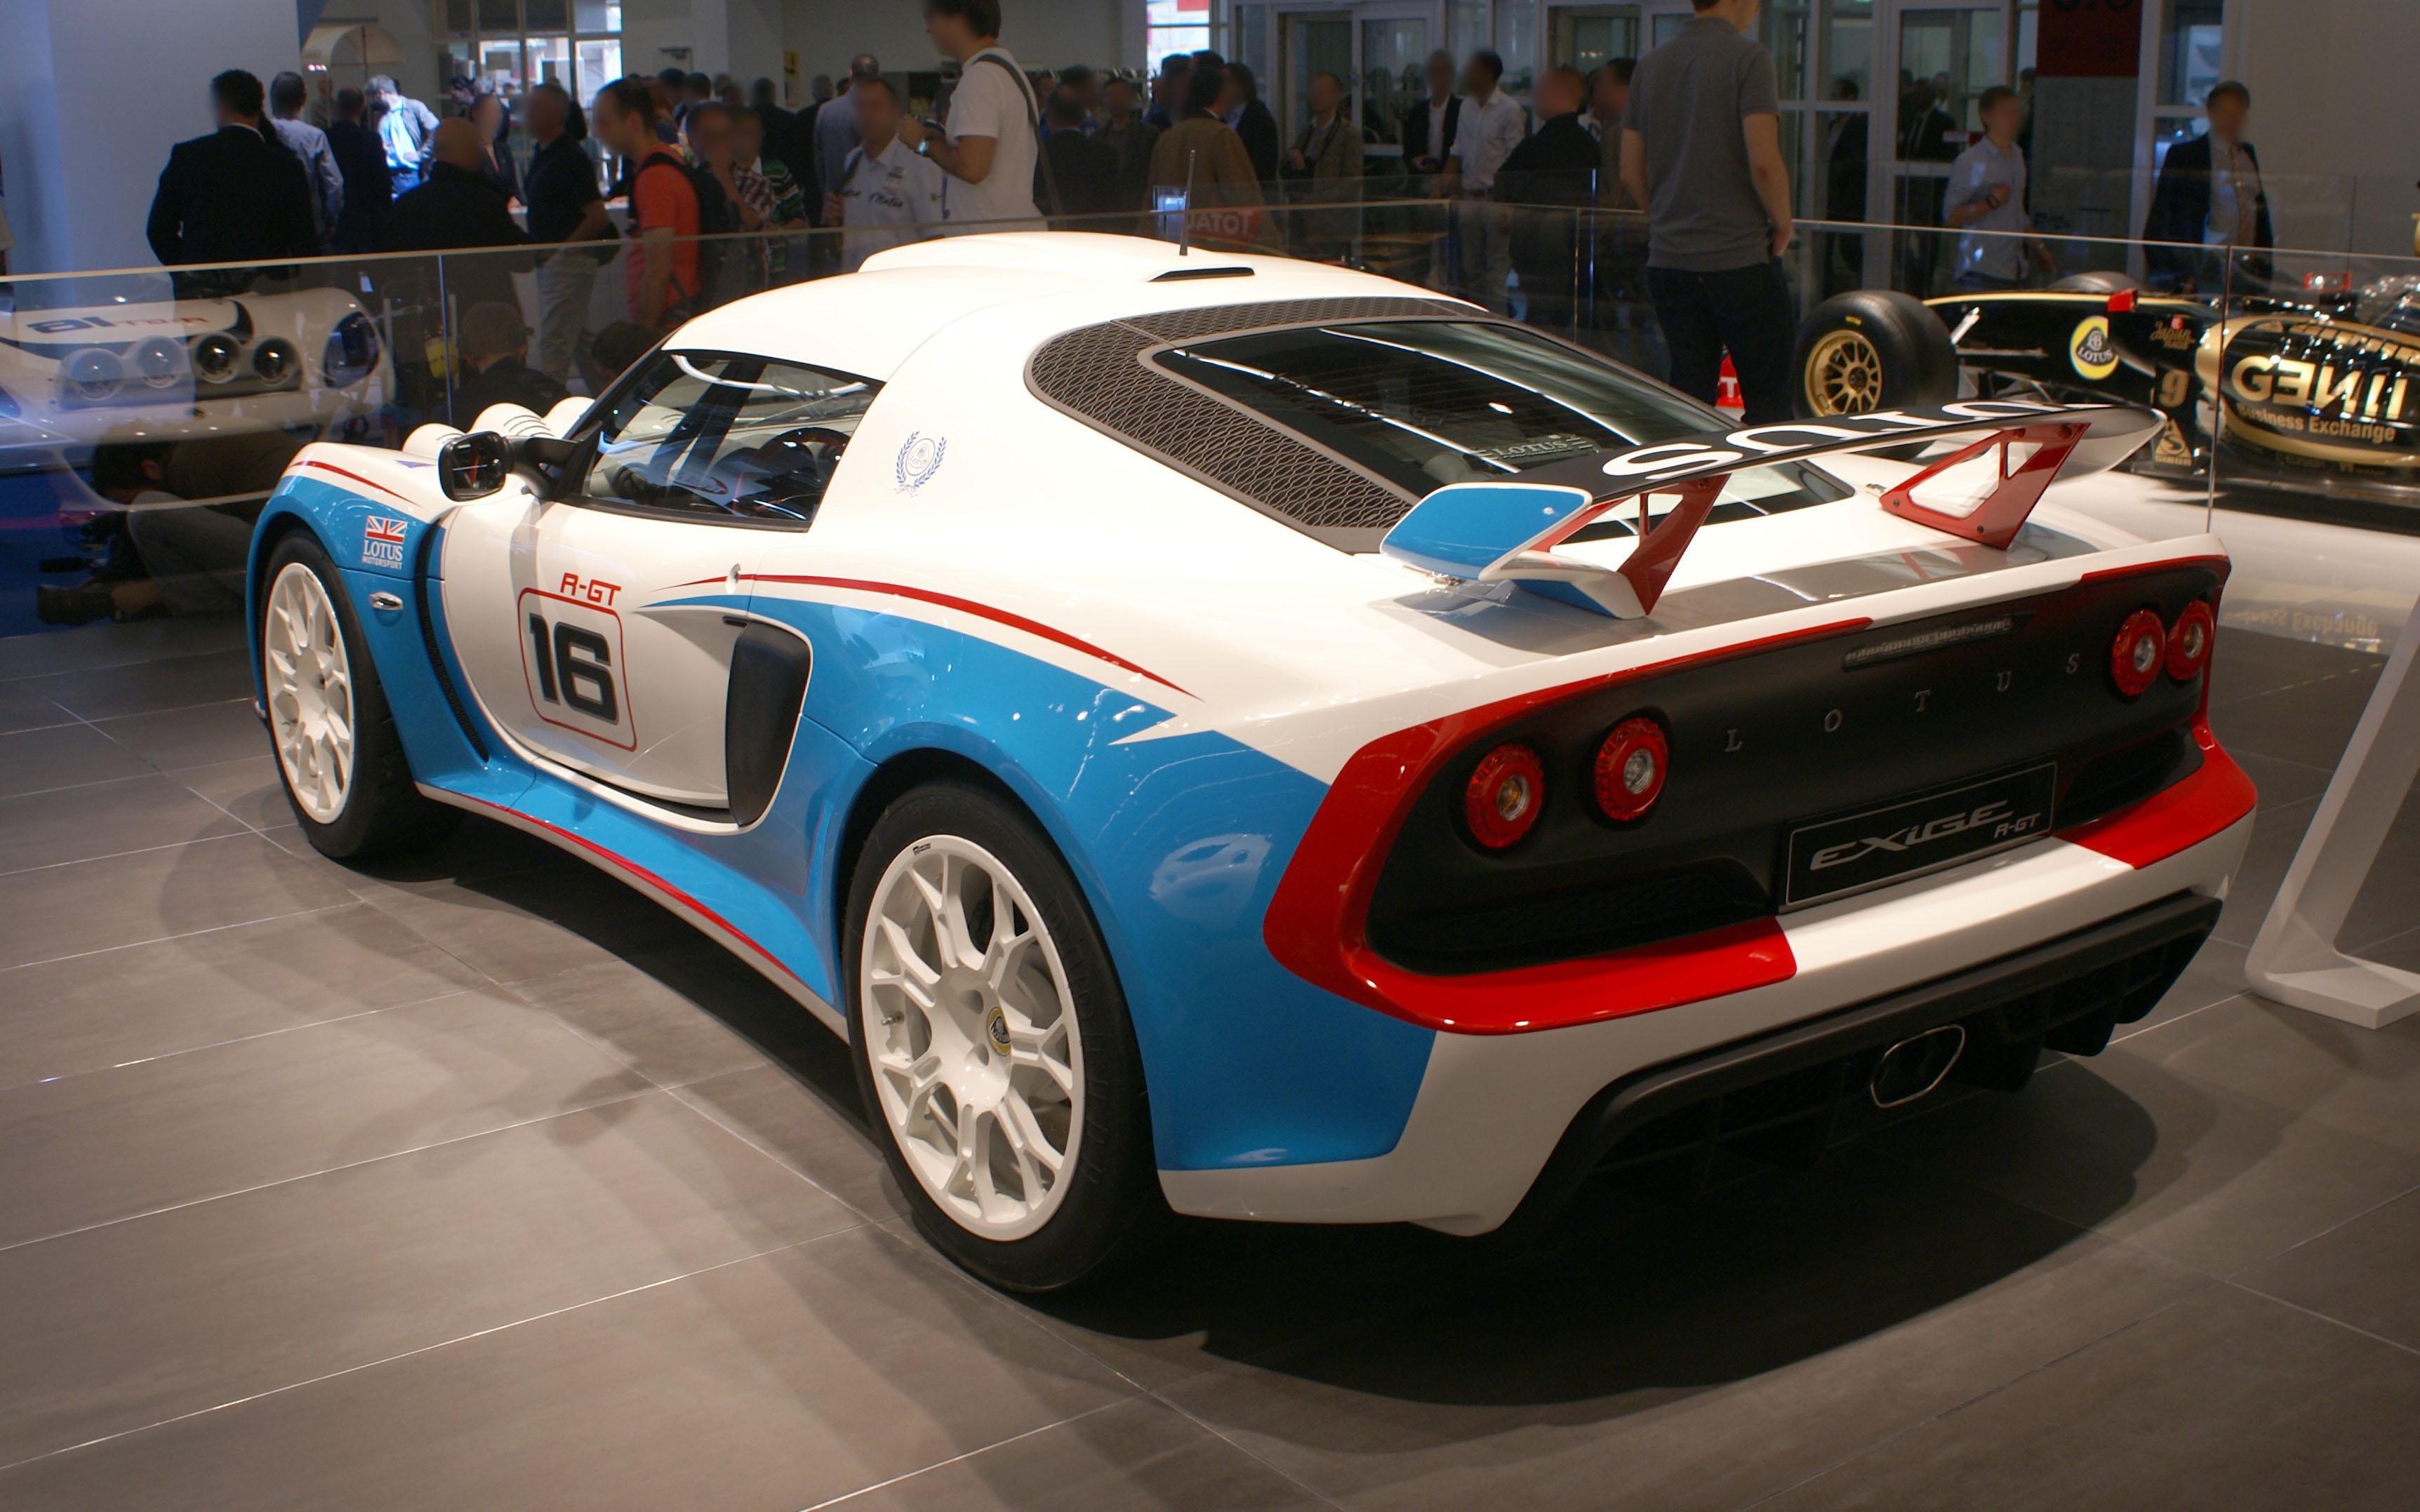 Lotus_Exige_R-GT_rl.jpg